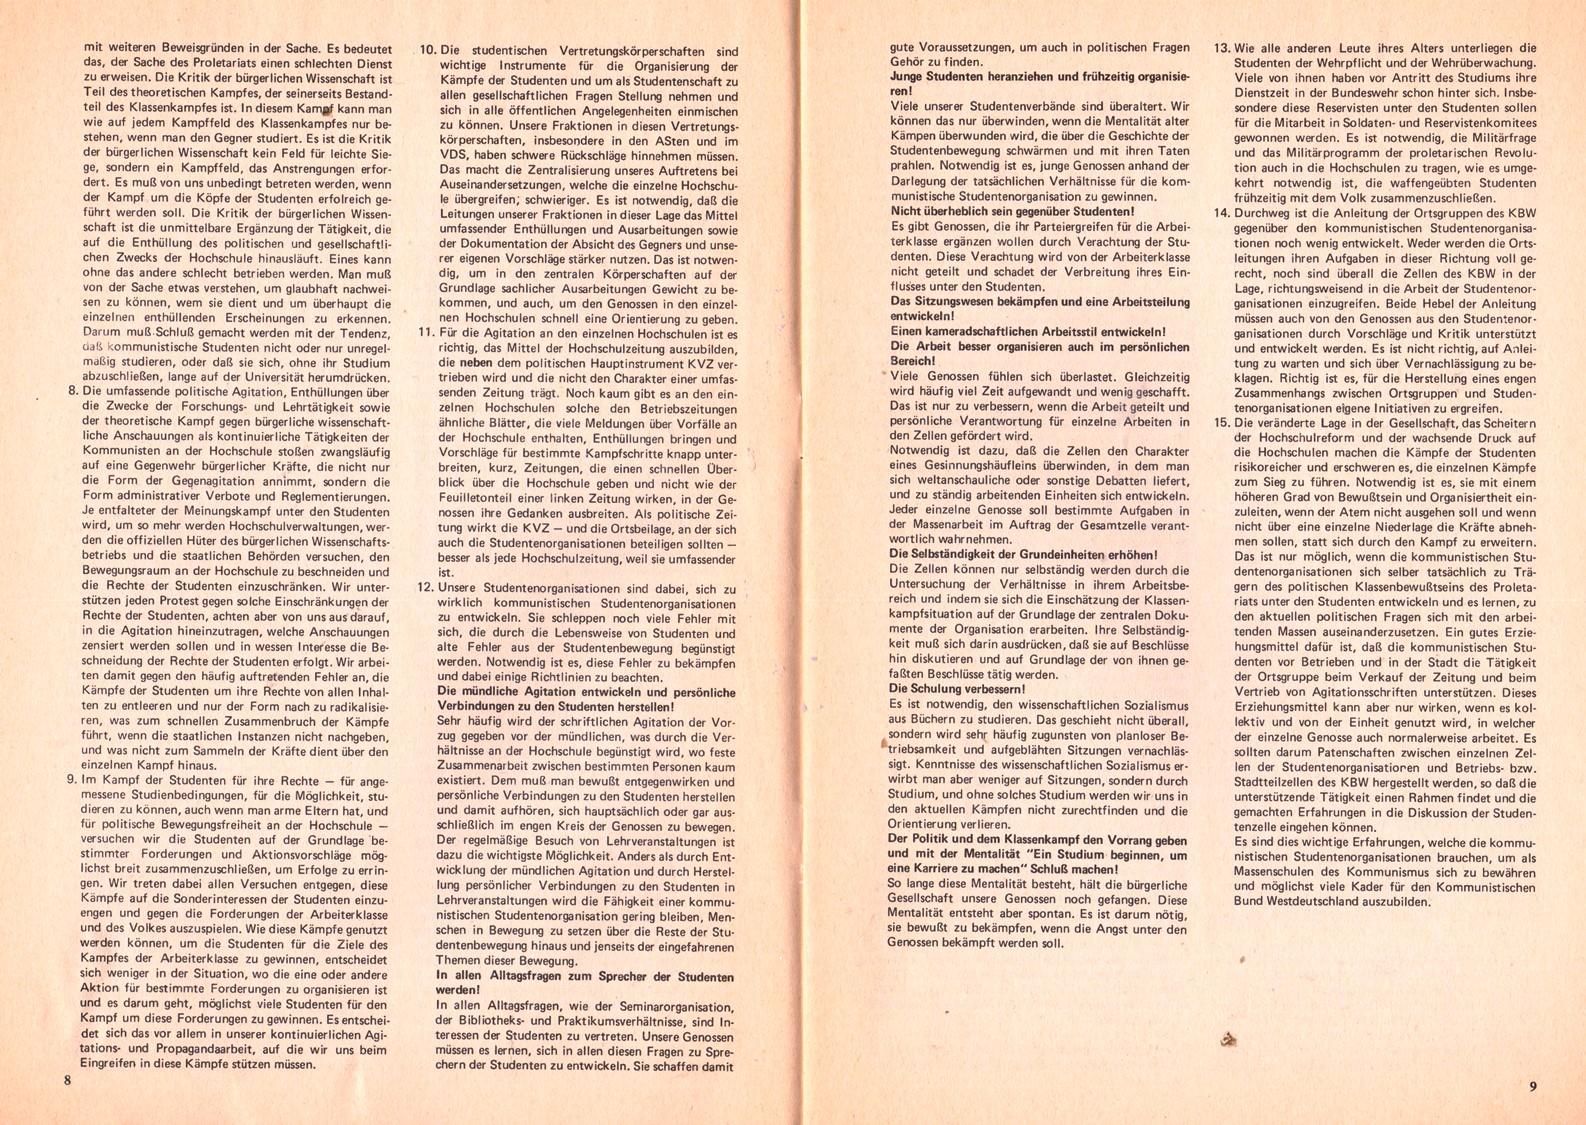 KBW_1974_Aufgaben_der_kommunistischen_Studenten_05